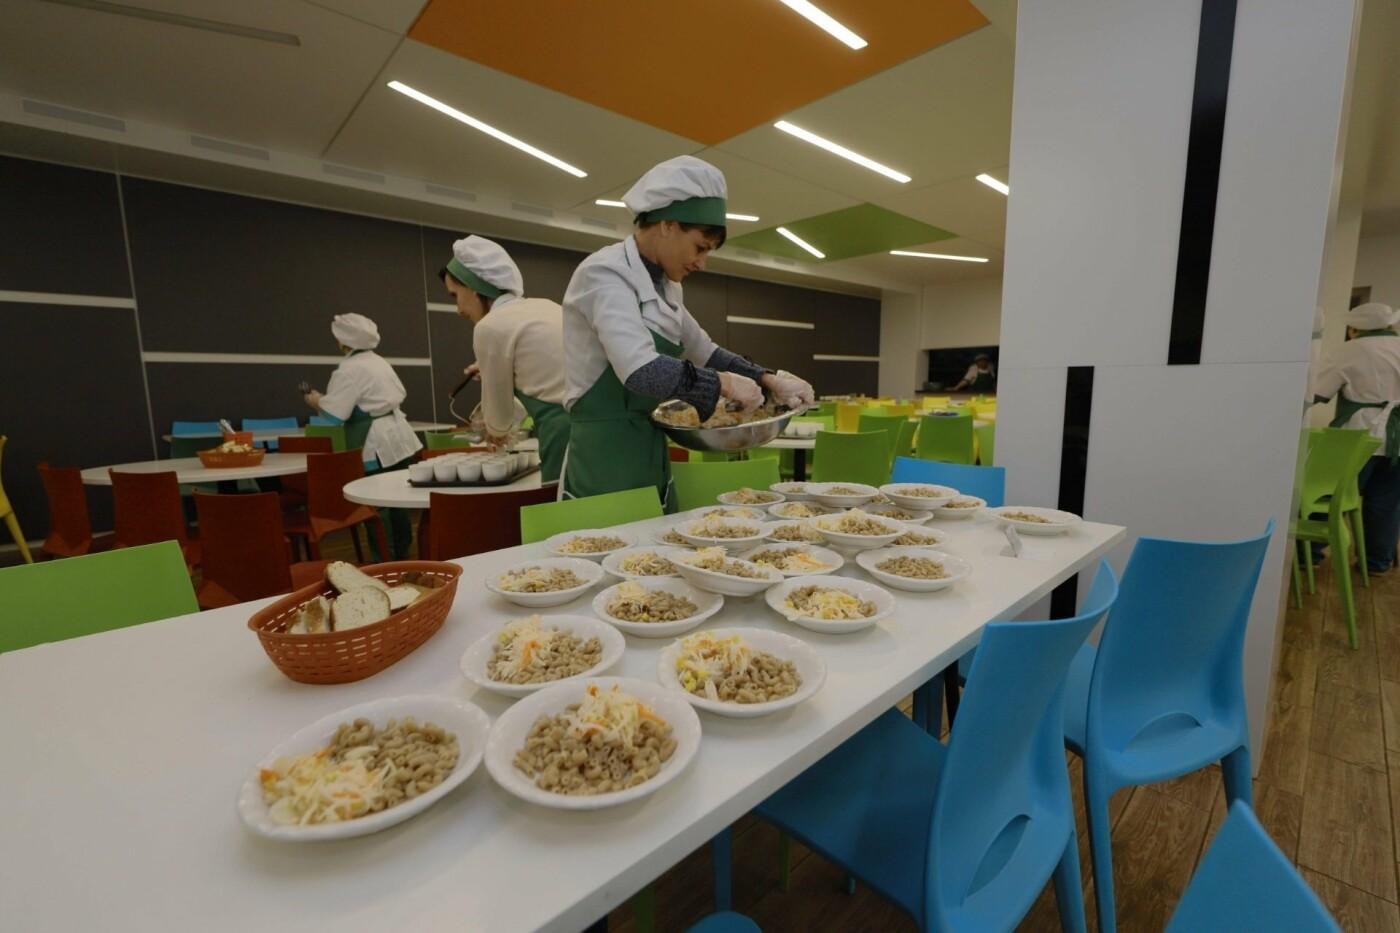 Шведский стол и английский стиль: как кормят школьников в Днепре, - ФОТО, фото-1